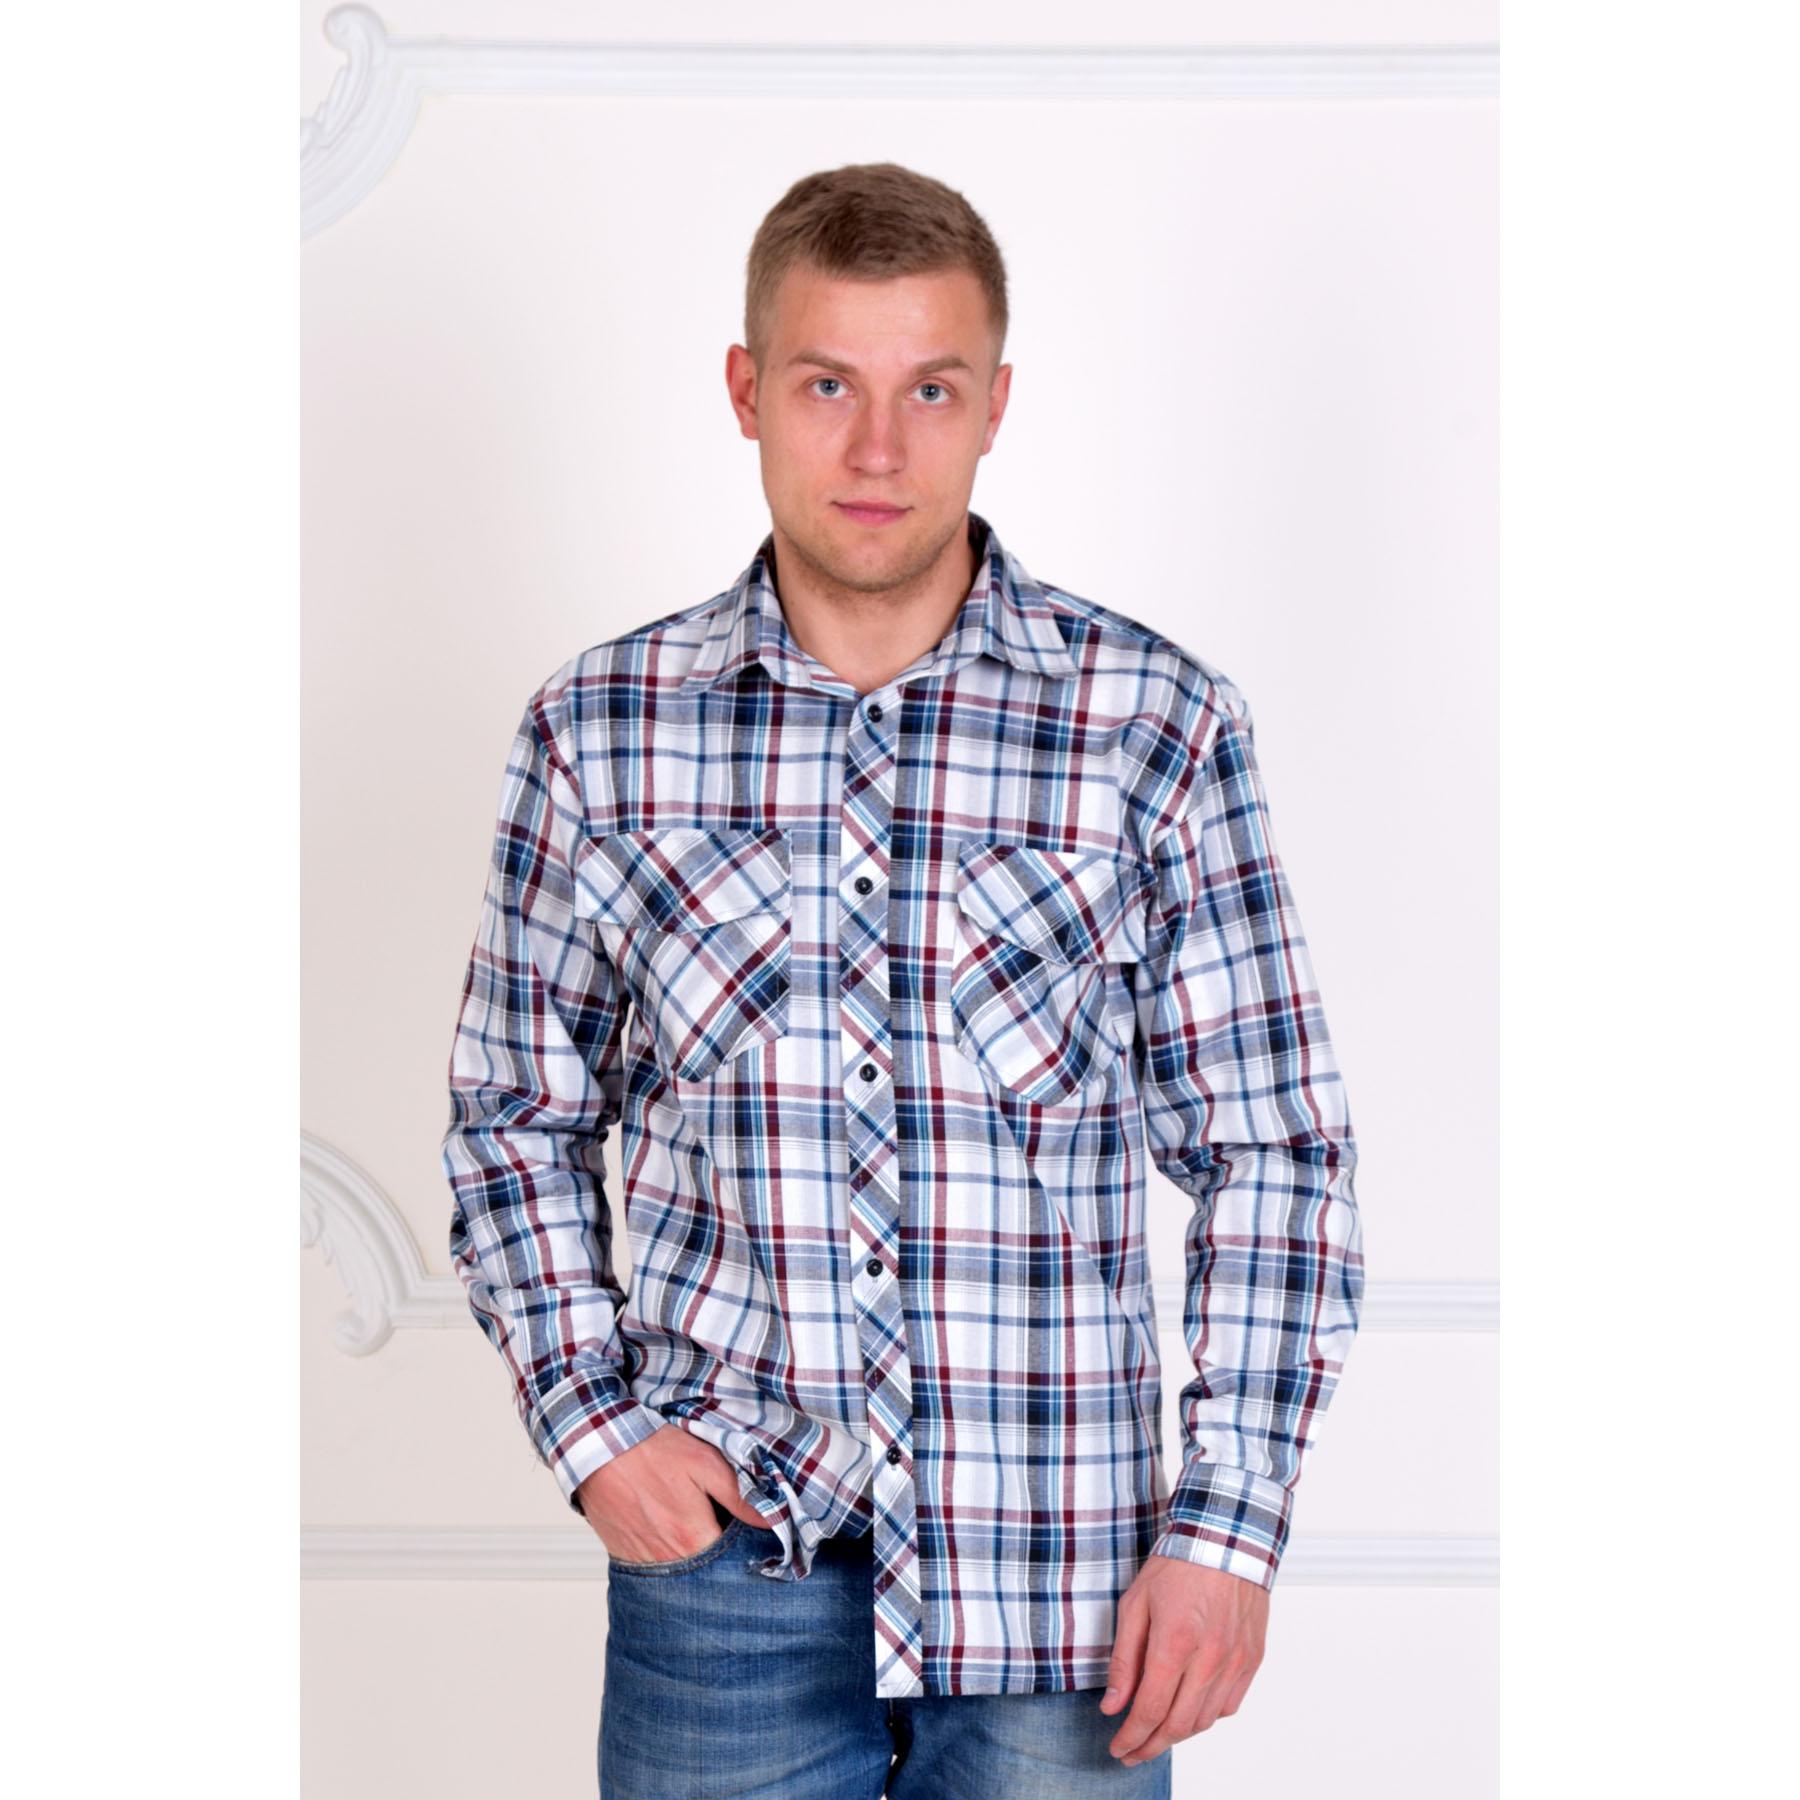 Мужская рубашка «Шотландия», размер 48Толстовки, джемпера и рубашки<br>Обхват груди:96 см<br>Обхват талии:88 см<br>Обхват бедер:102 см<br>Обхват шеи, ворот:40 см<br>Рост:172-180 см<br><br>Тип: Муж. рубашка<br>Размер: 48<br>Материал: Шотландка